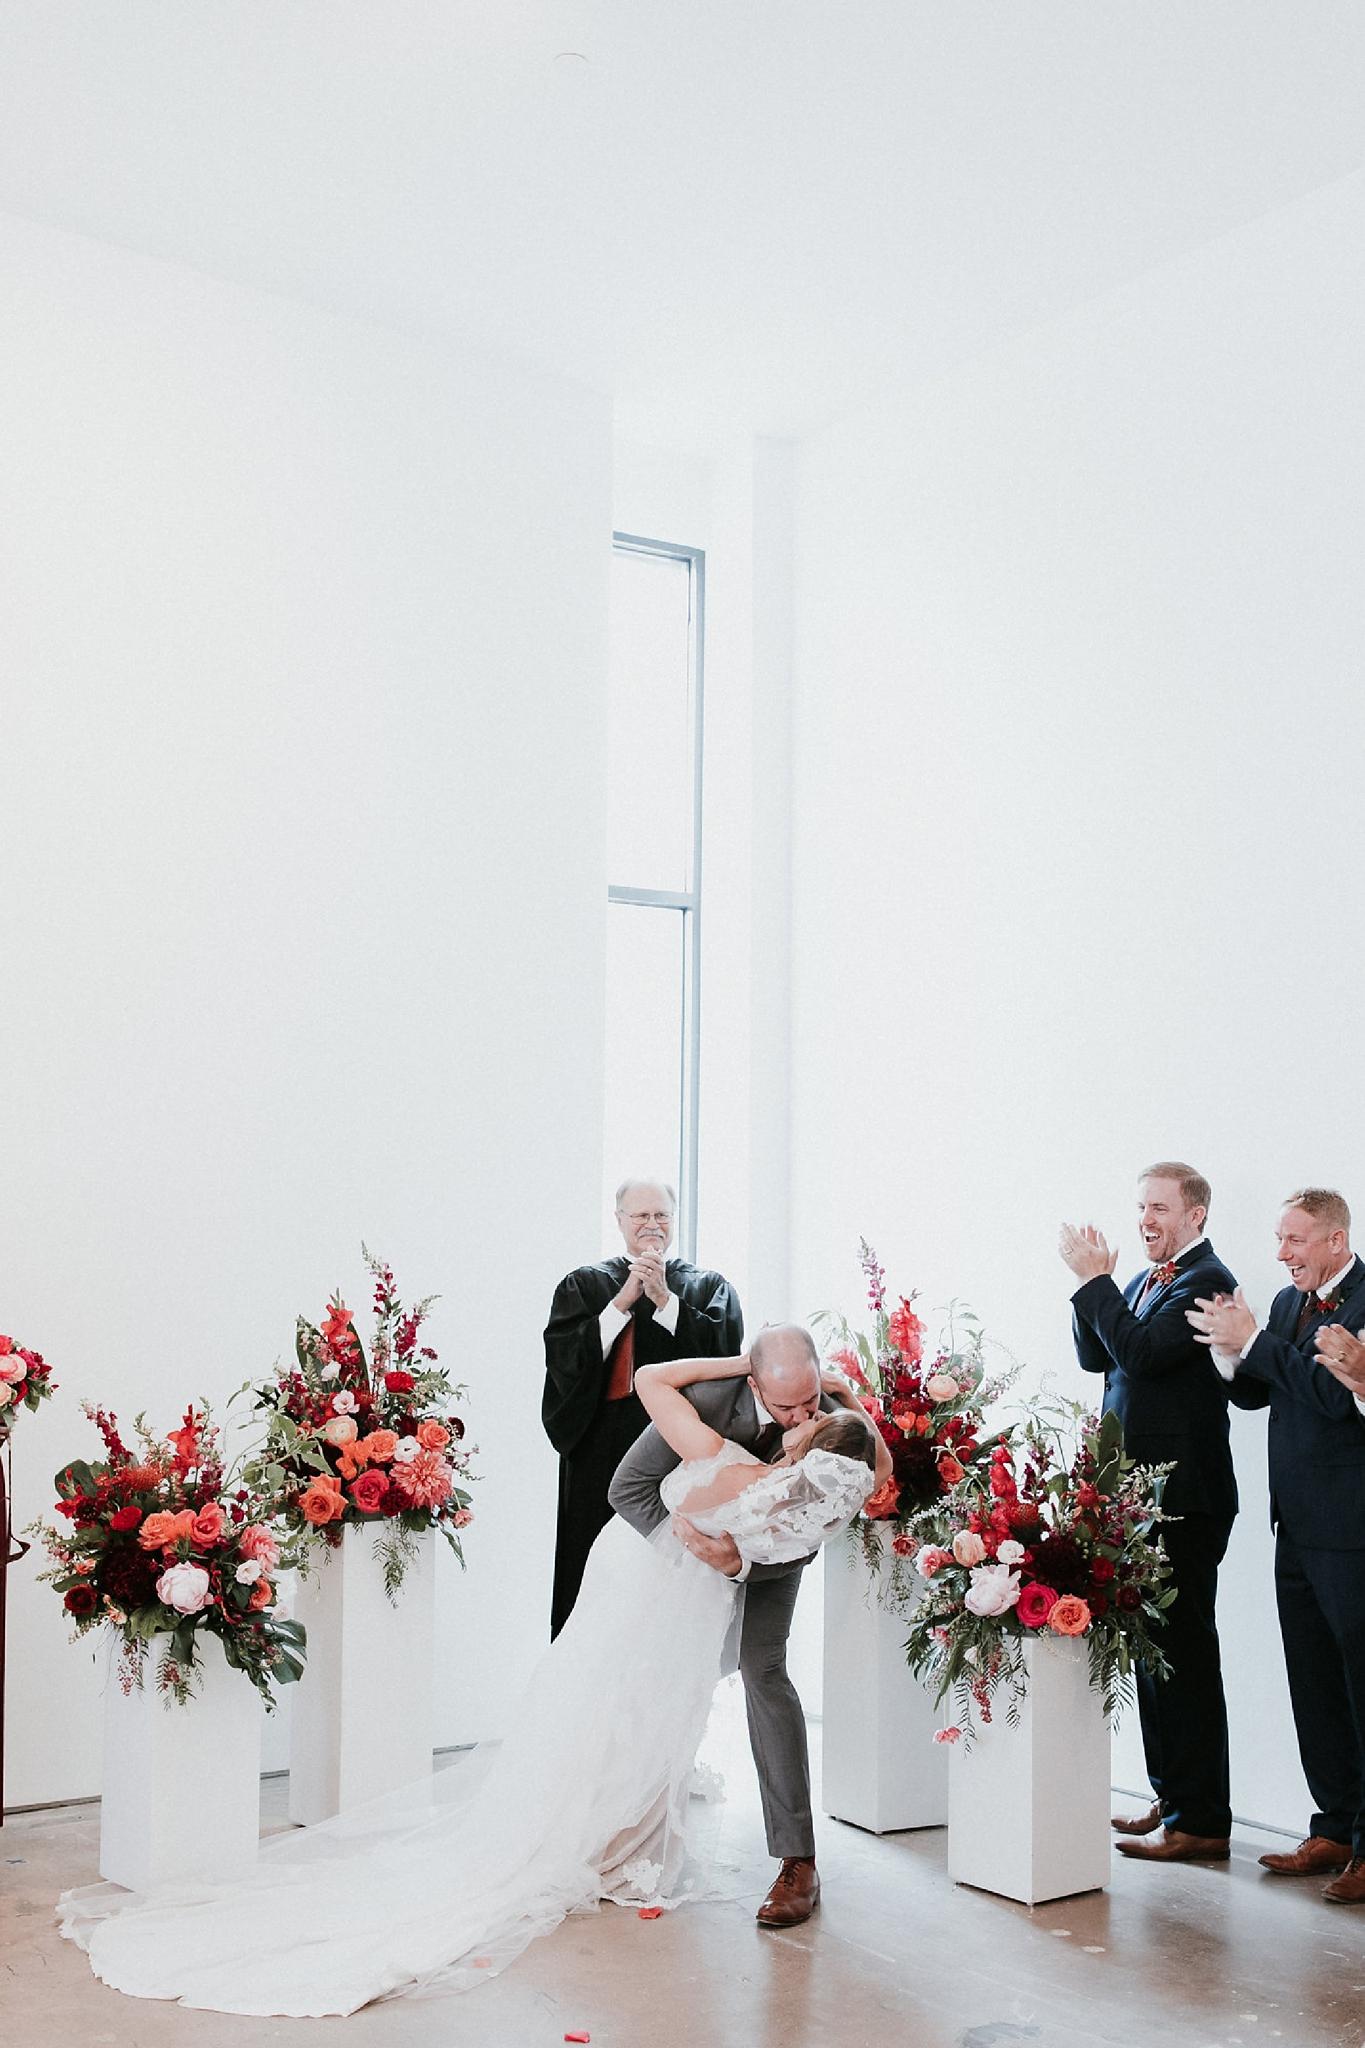 Alicia+lucia+photography+-+albuquerque+wedding+photographer+-+santa+fe+wedding+photography+-+new+mexico+wedding+photographer+-+wedding+ceremony+-+wedding+alter+-+floral+alter_0031.jpg